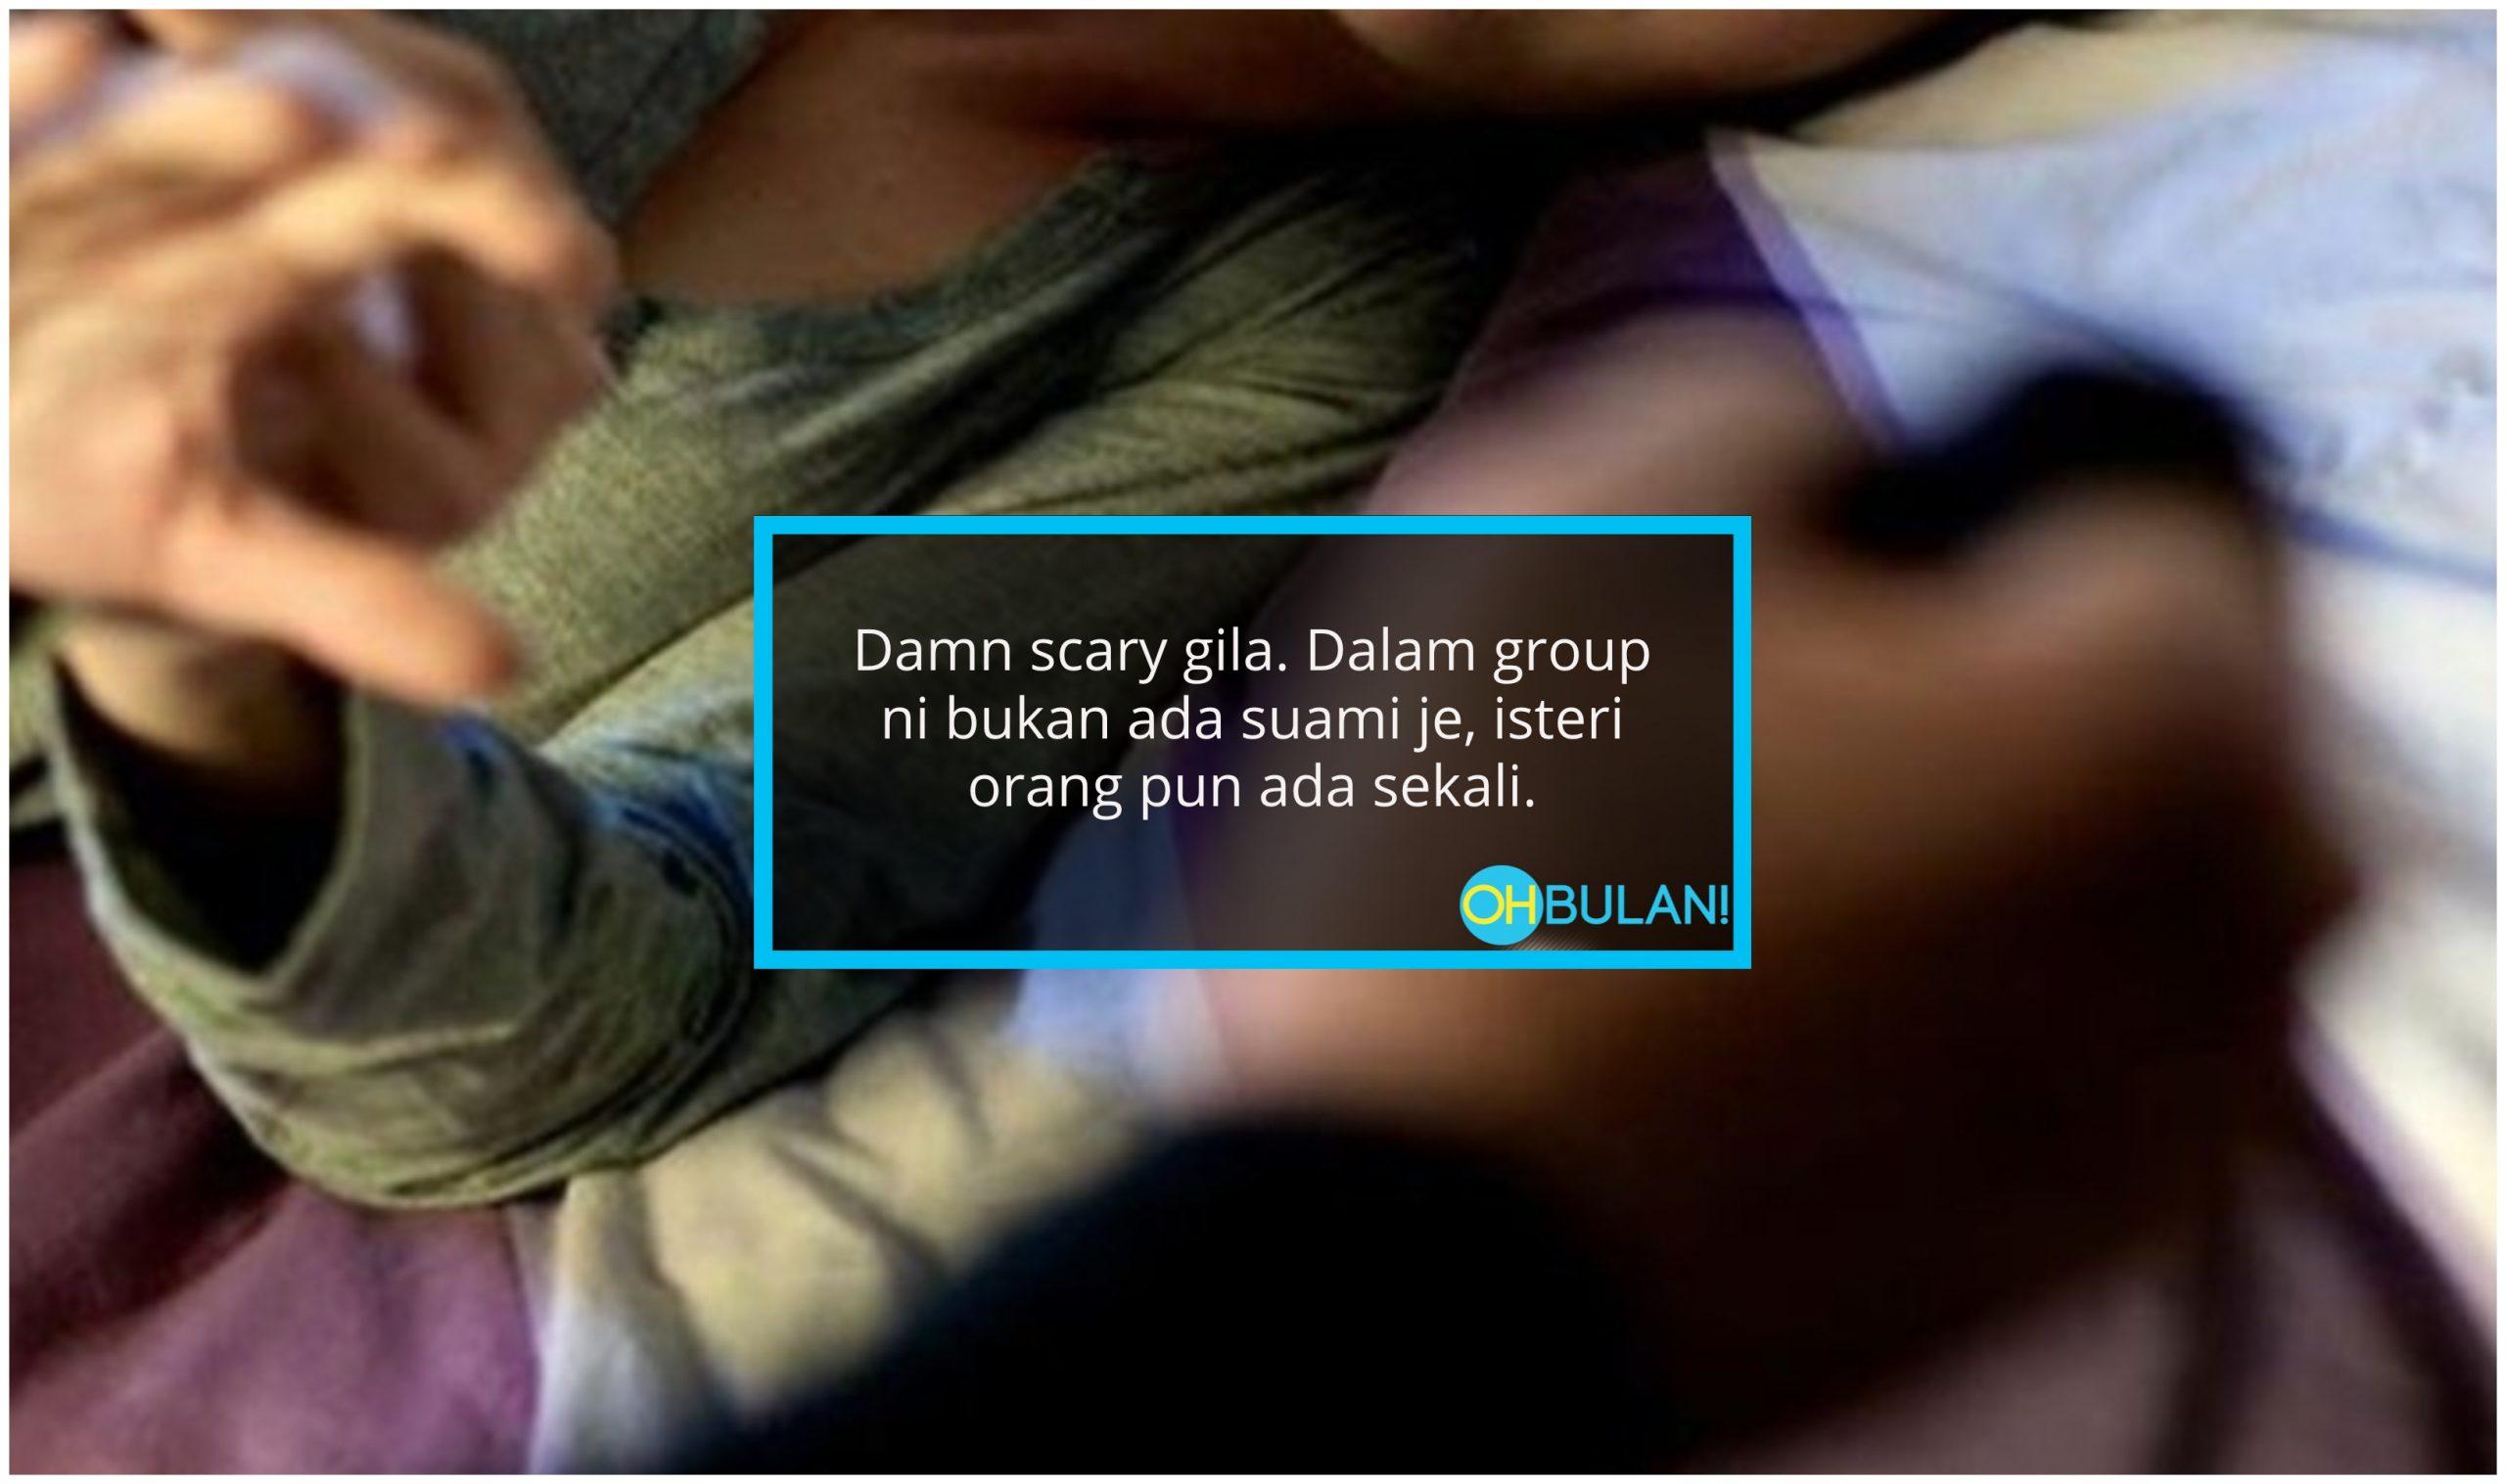 Lelaki Terkejut Jumpa 'Group Tukar Pasangan Suami Isteri' Di Facebook, Ada Yang Kongsi Tips Lagi!